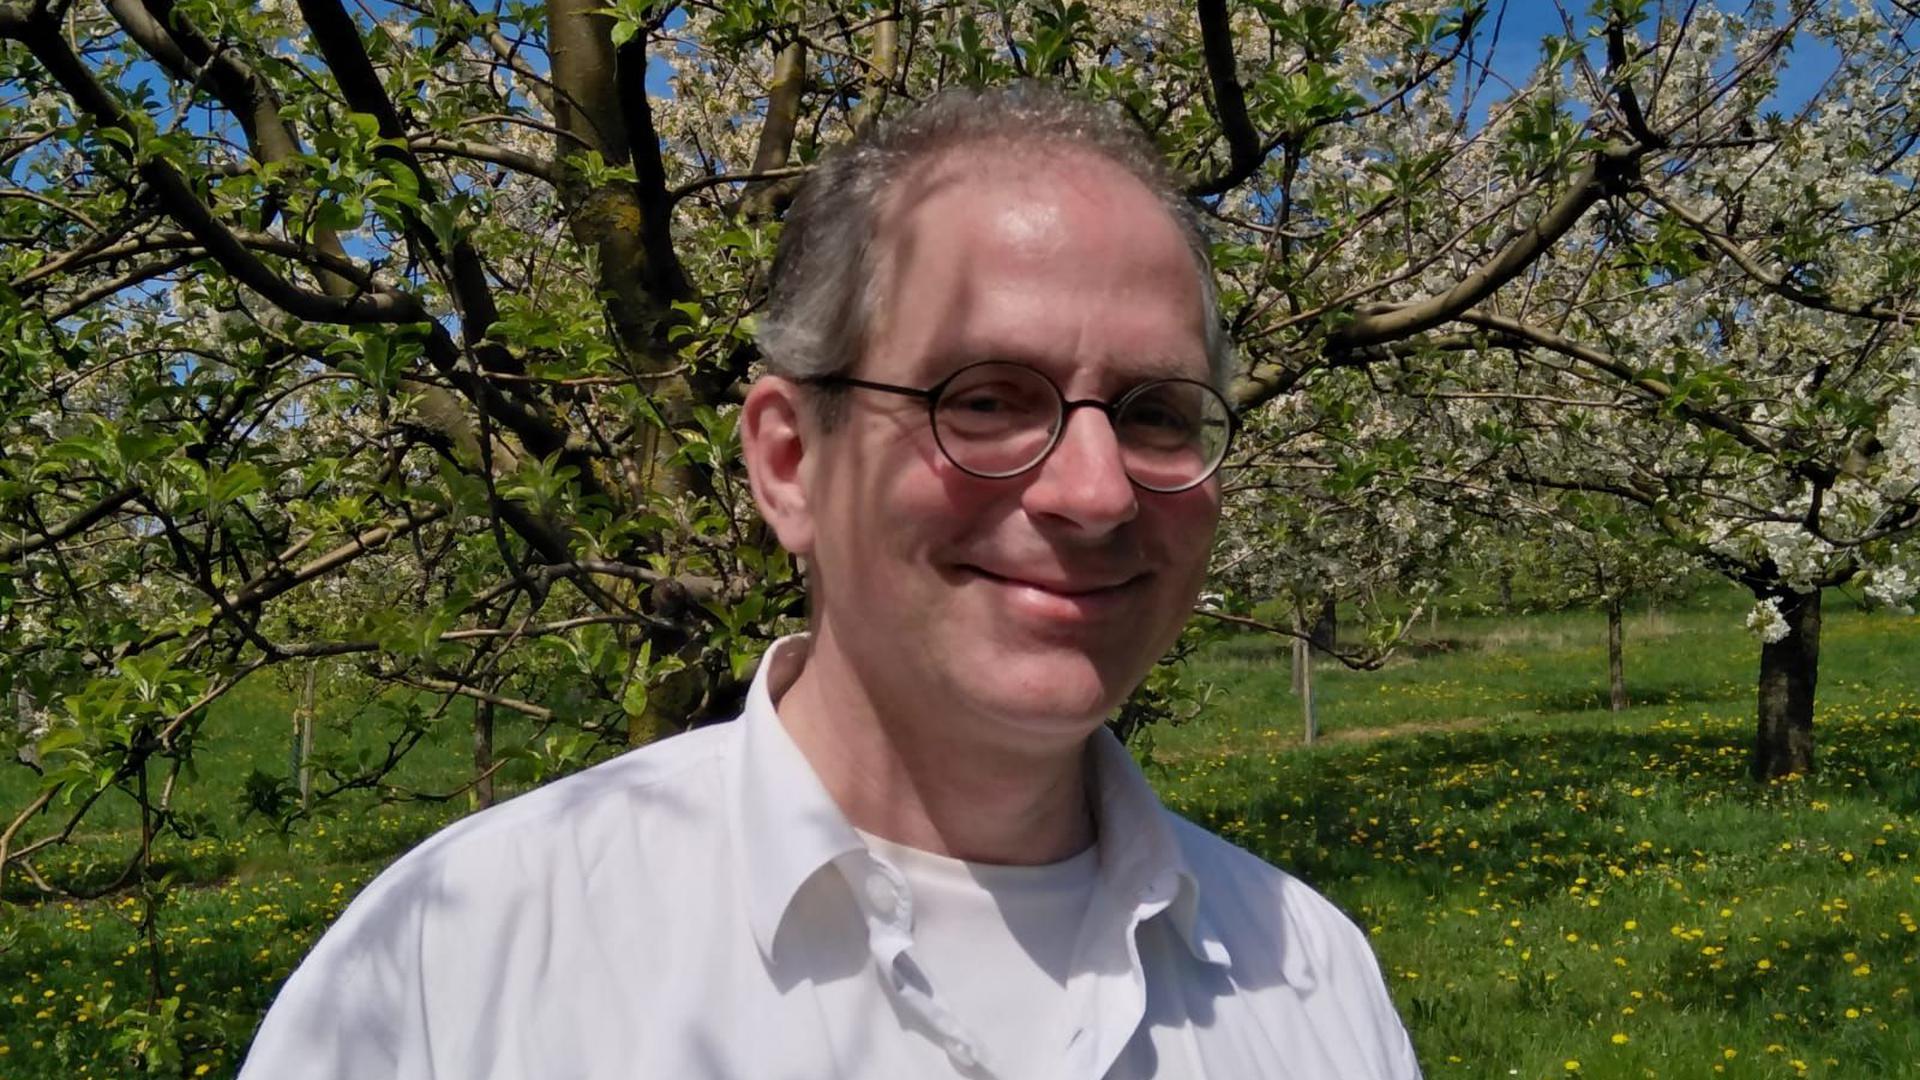 Günther Beikert bewirbt sich für die Klimaliste Baden-Wüttemberg um ein Mandat im baden-württembergischen Landtag.